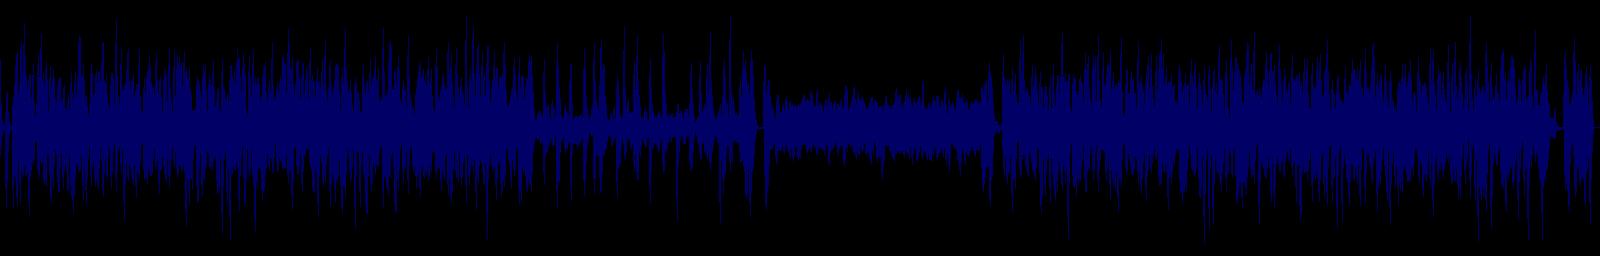 waveform of track #143990